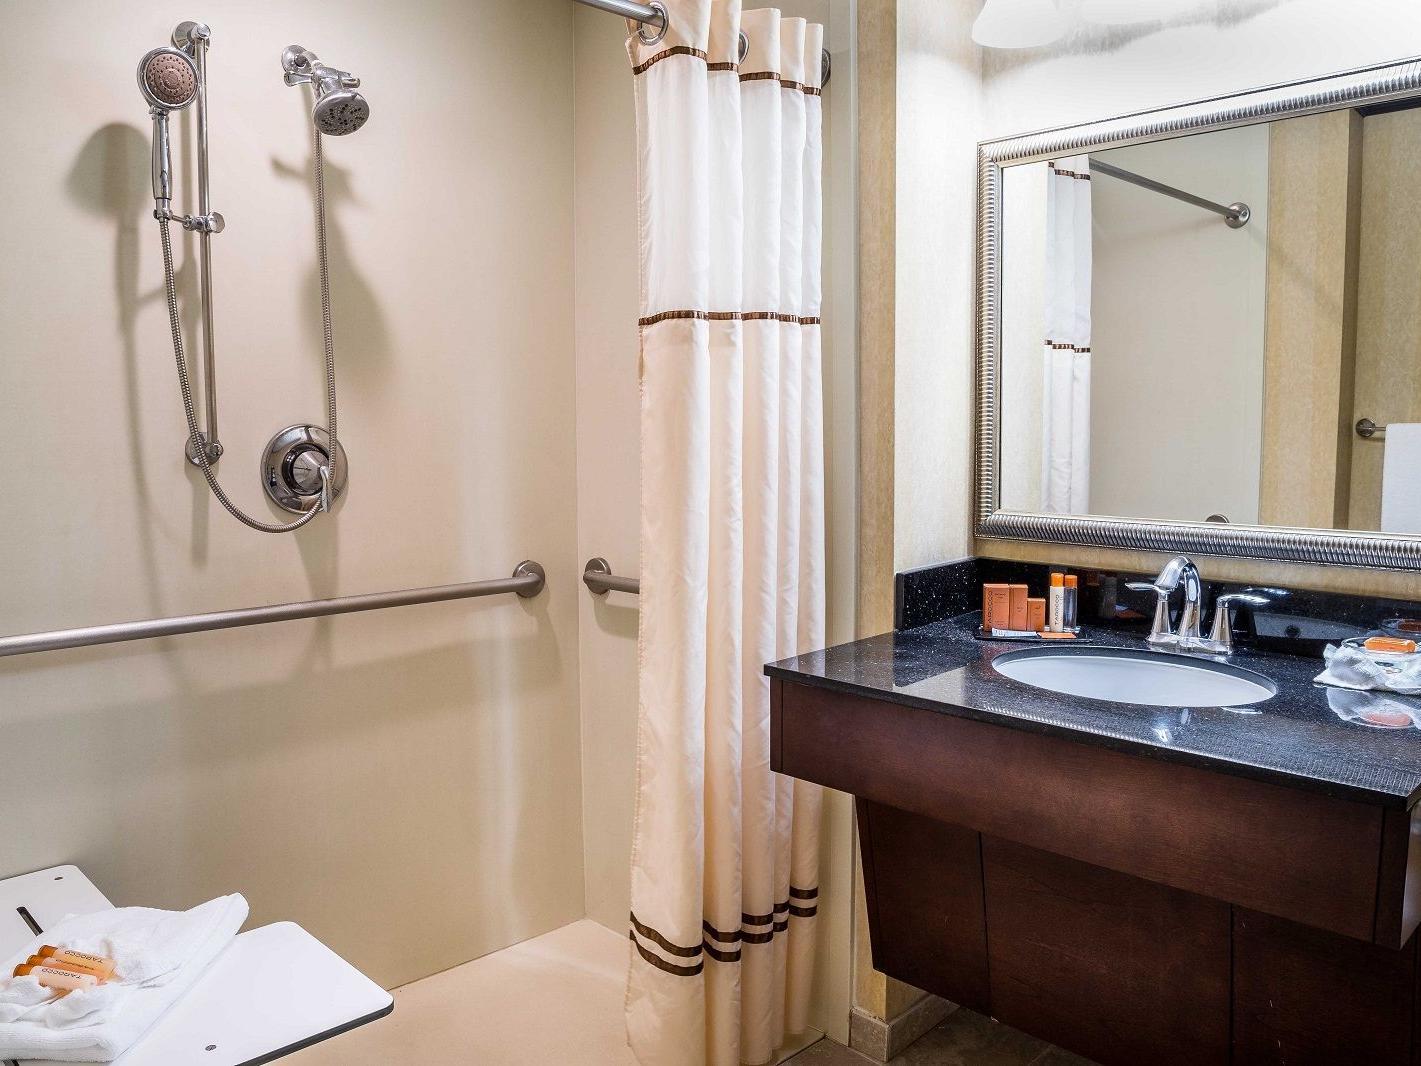 Accessible hotel bathroom